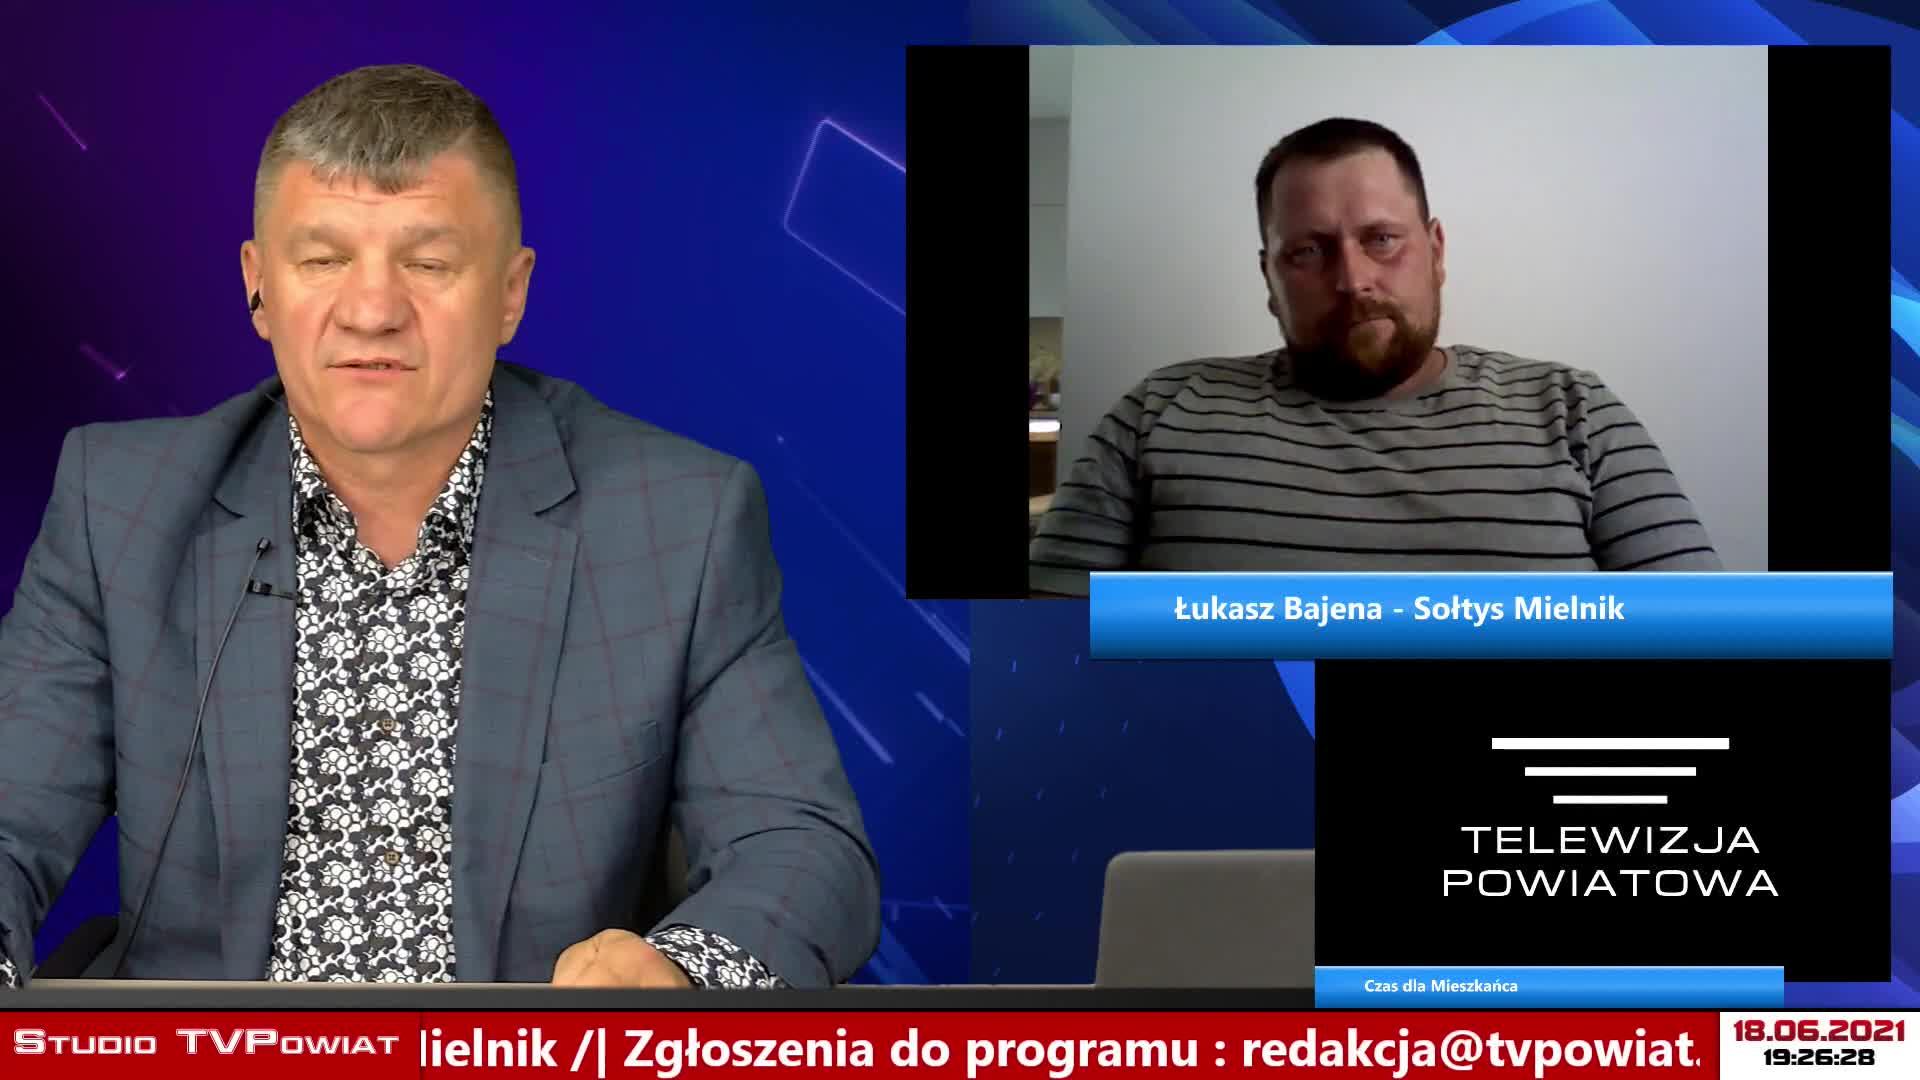 Czas dla Mieszkańca – Sołtys / Gmina Mielnik